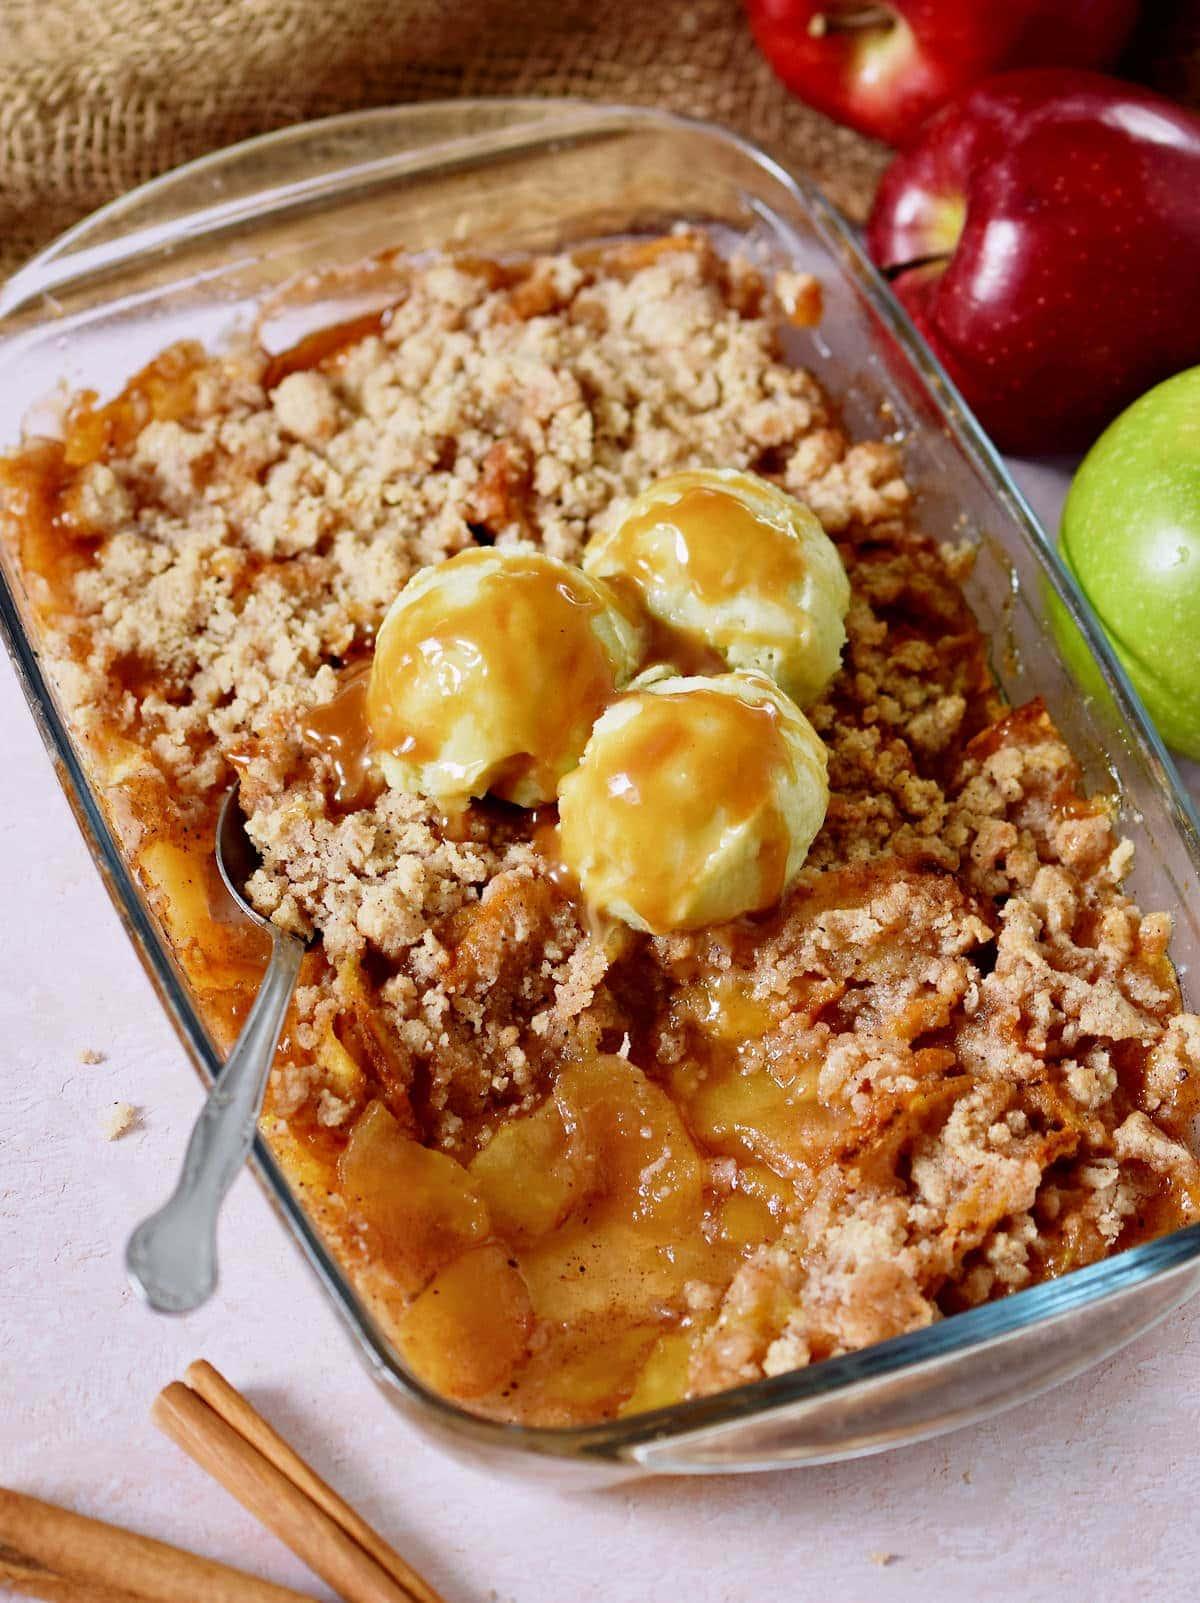 Apfel Crumble mit Eis und veganem Karamell in Glas-Backform